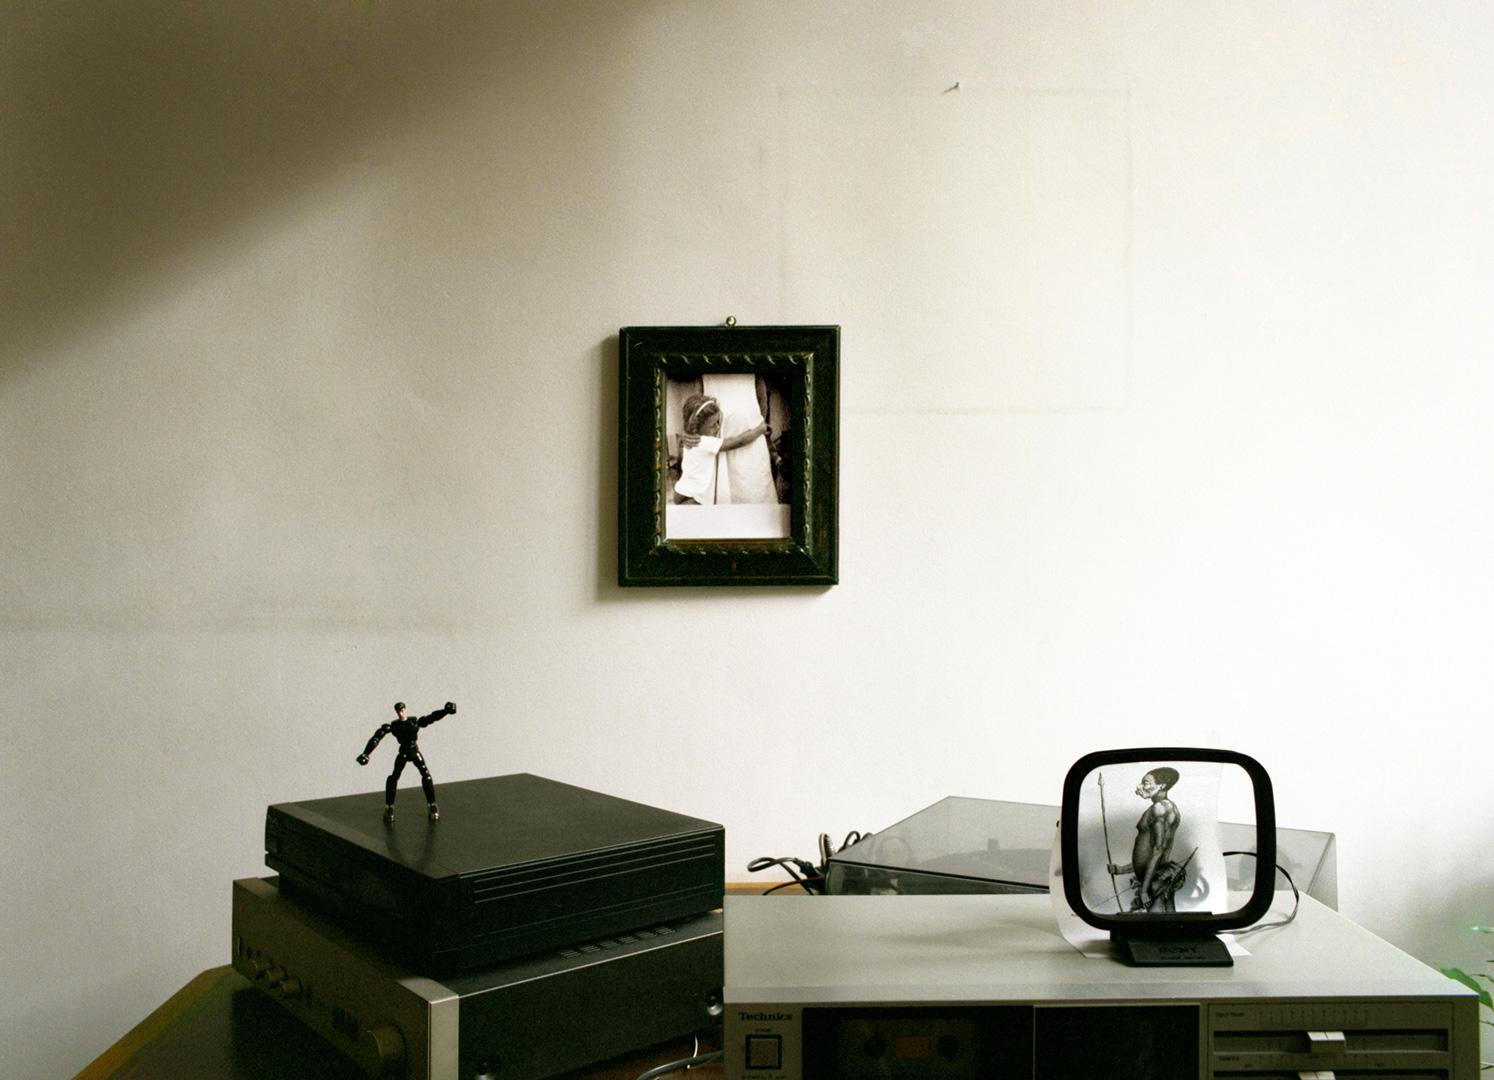 interiors_12_Milano-1994-06